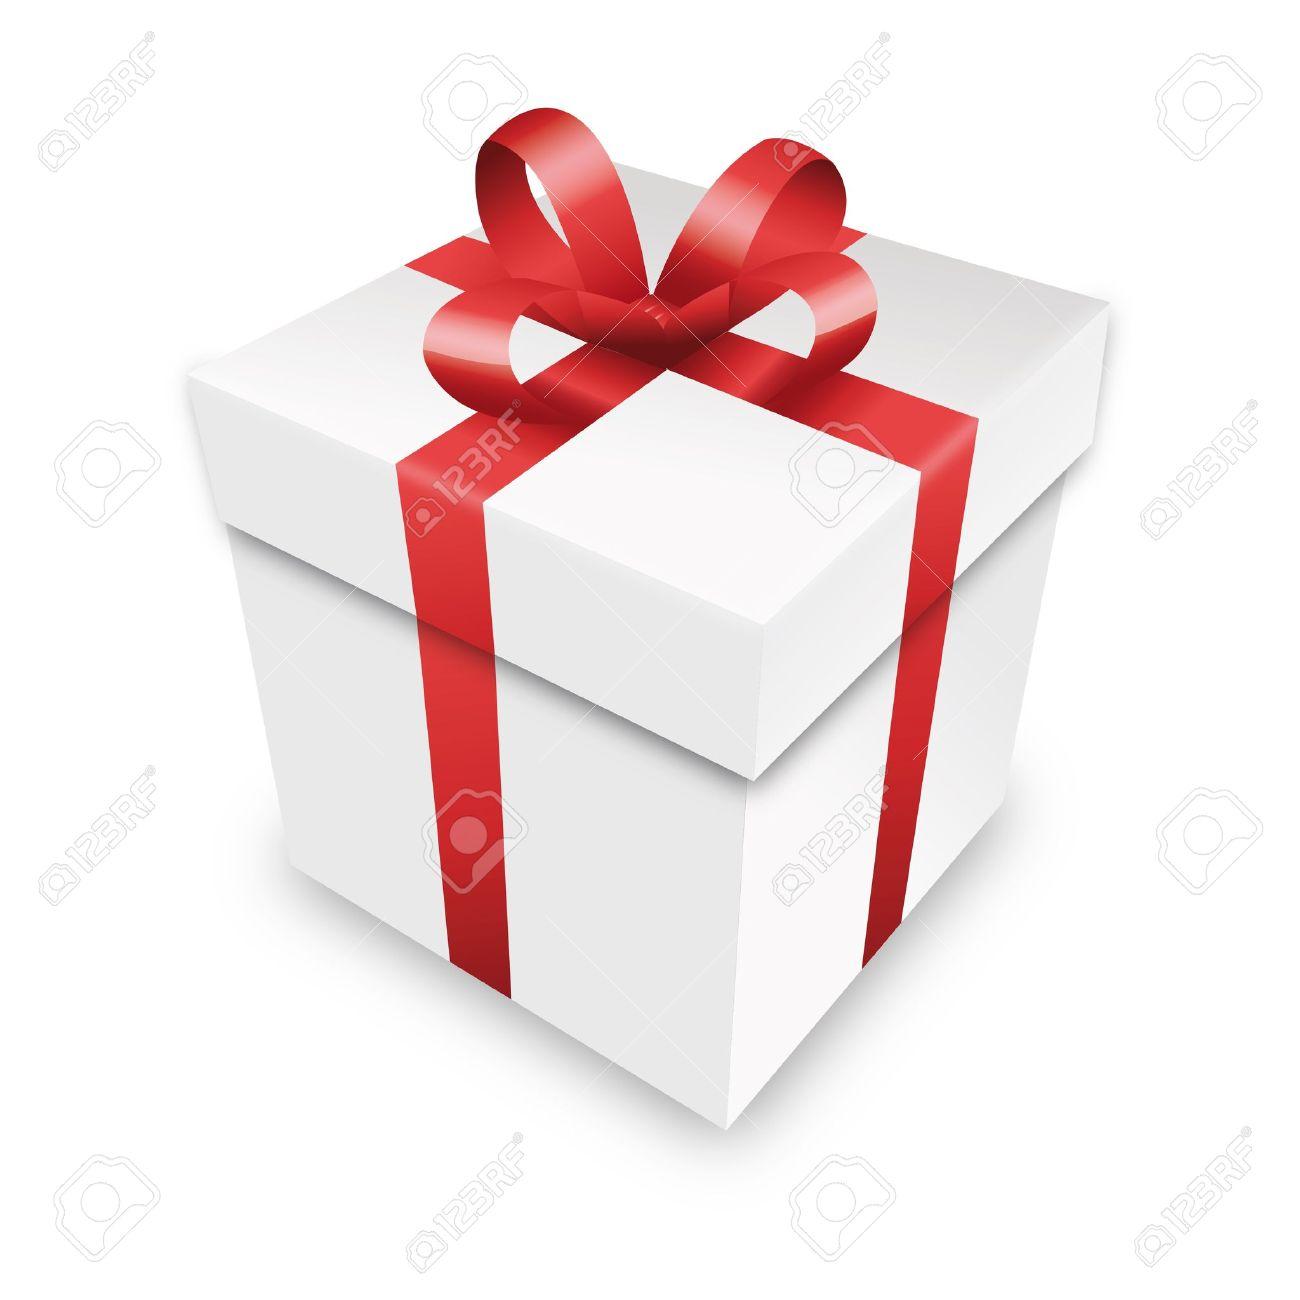 Geschenk Paket Gift Box Red Packchen Verpackung Weihnachten